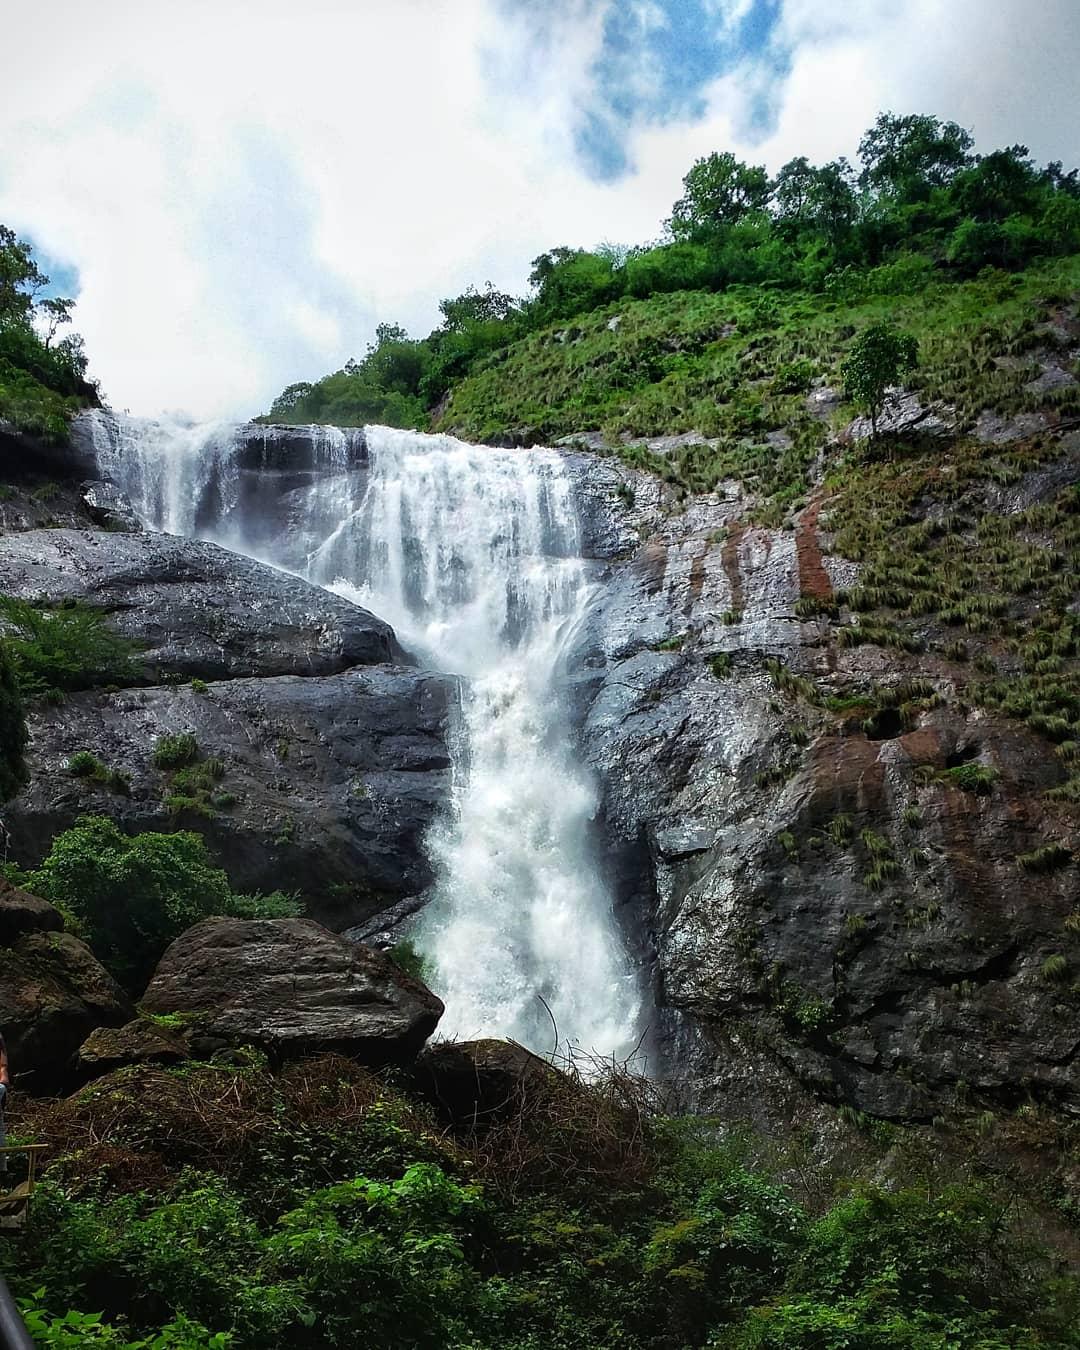 Thushragri Falls